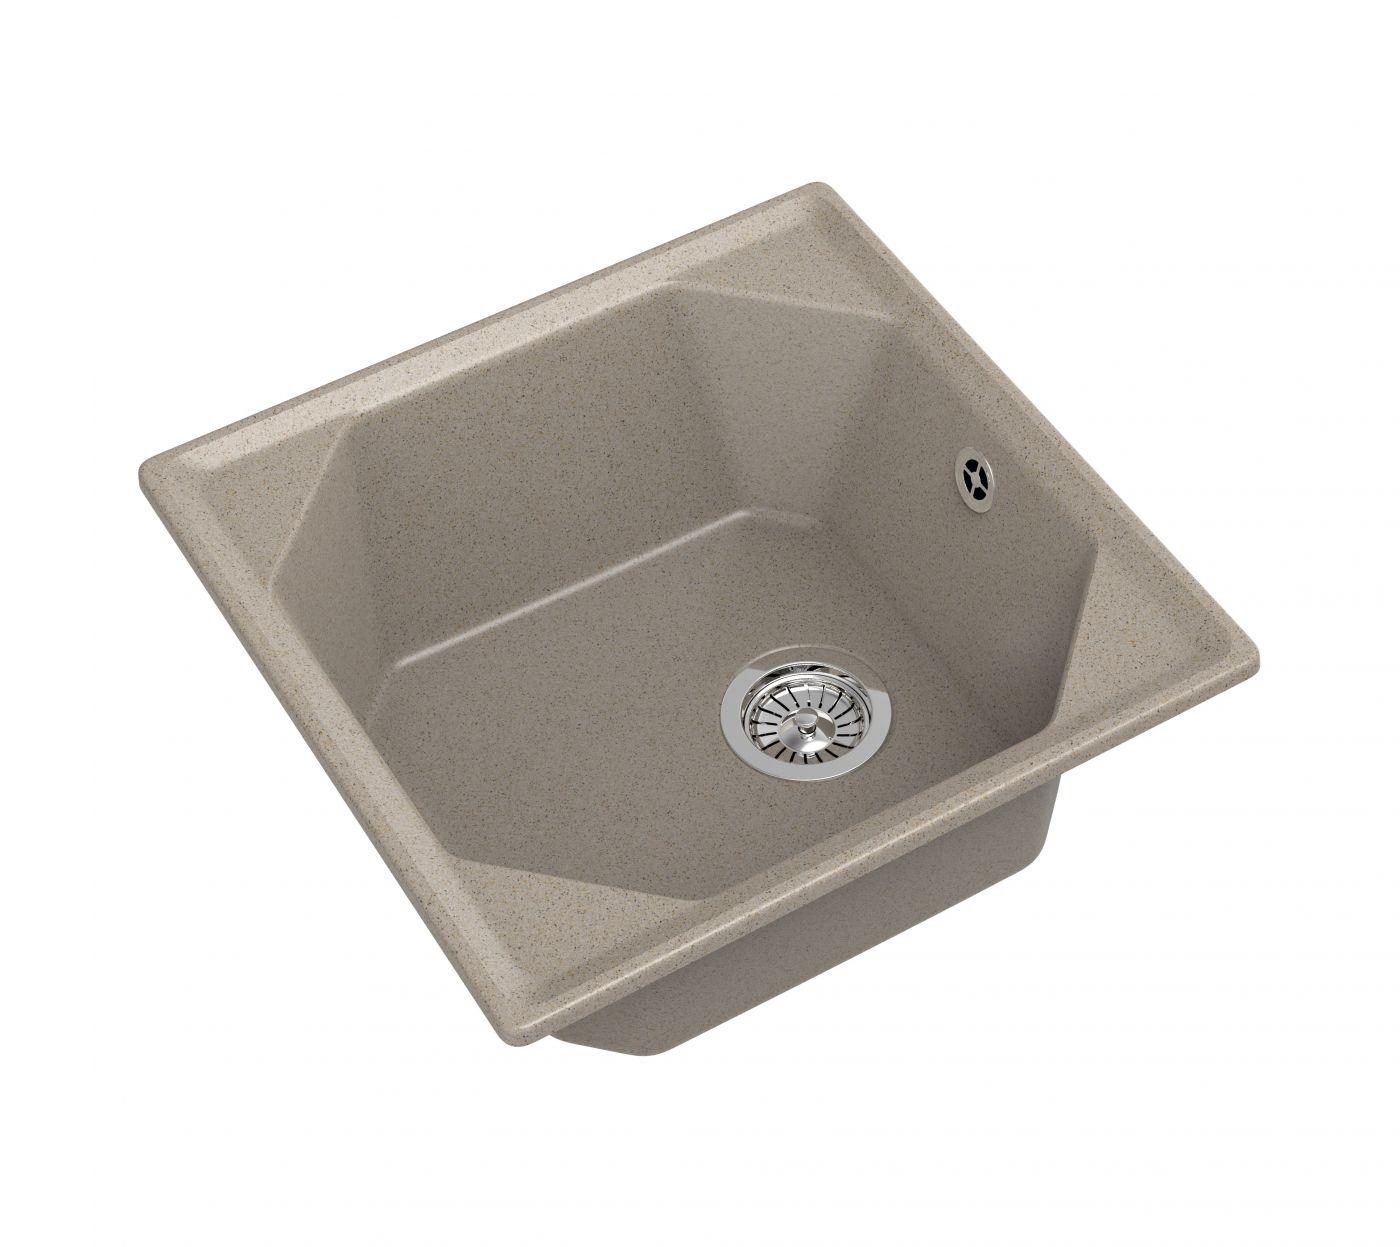 Мраморная мойка для кухни GranFest Unique GF-U500 Песочный